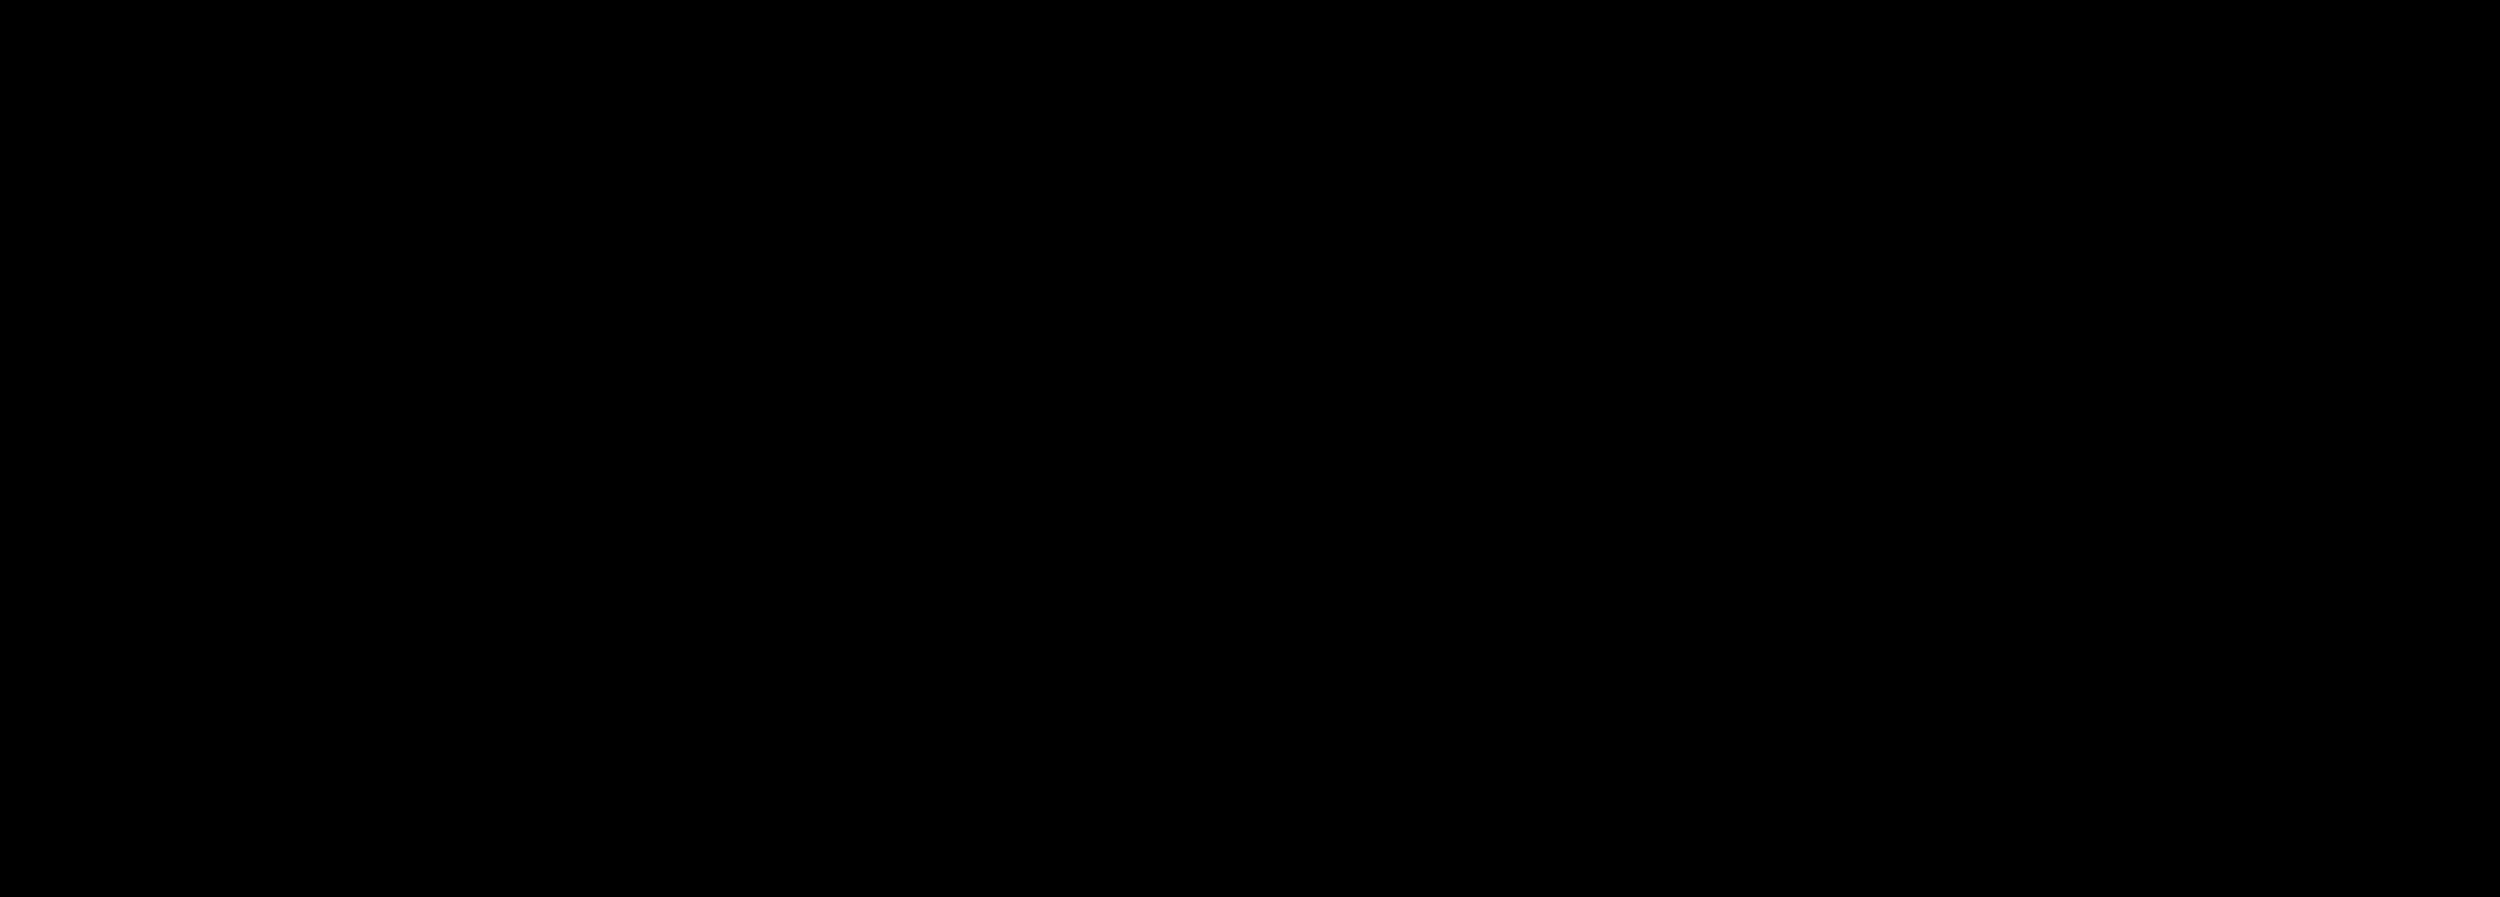 Logo_PylonIII_Black.png